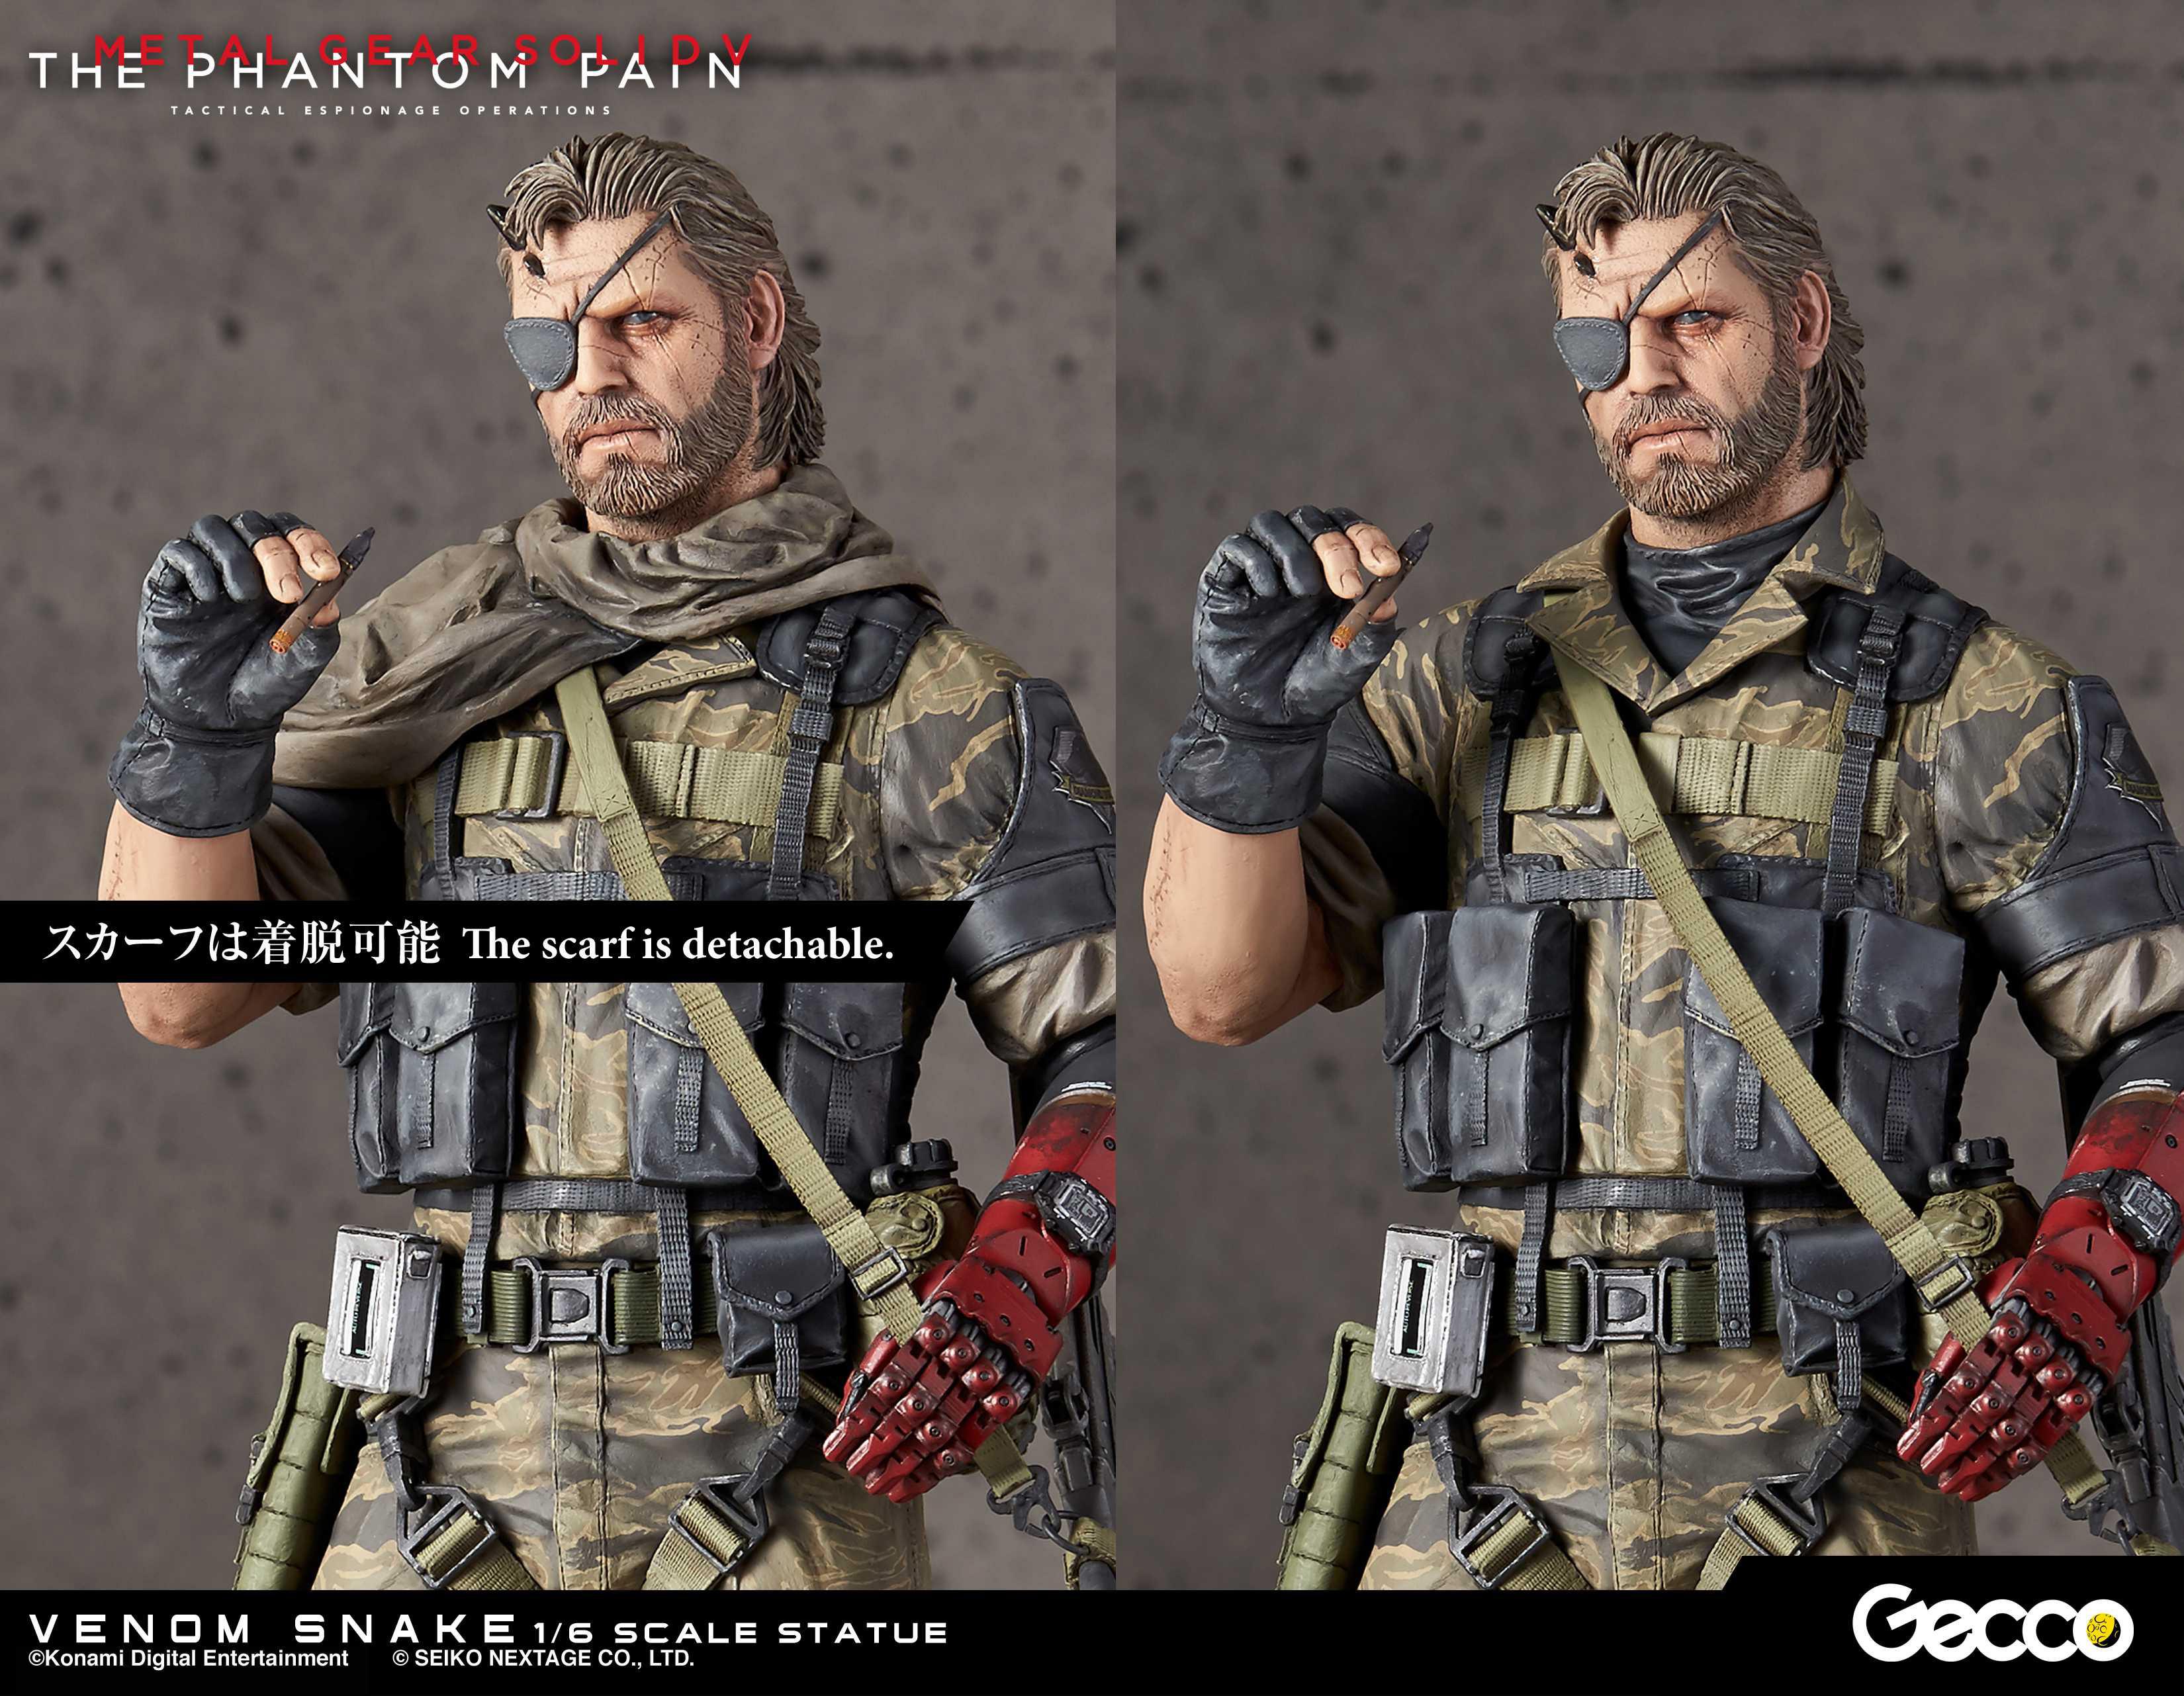 Gecco-Venom-Snake-43